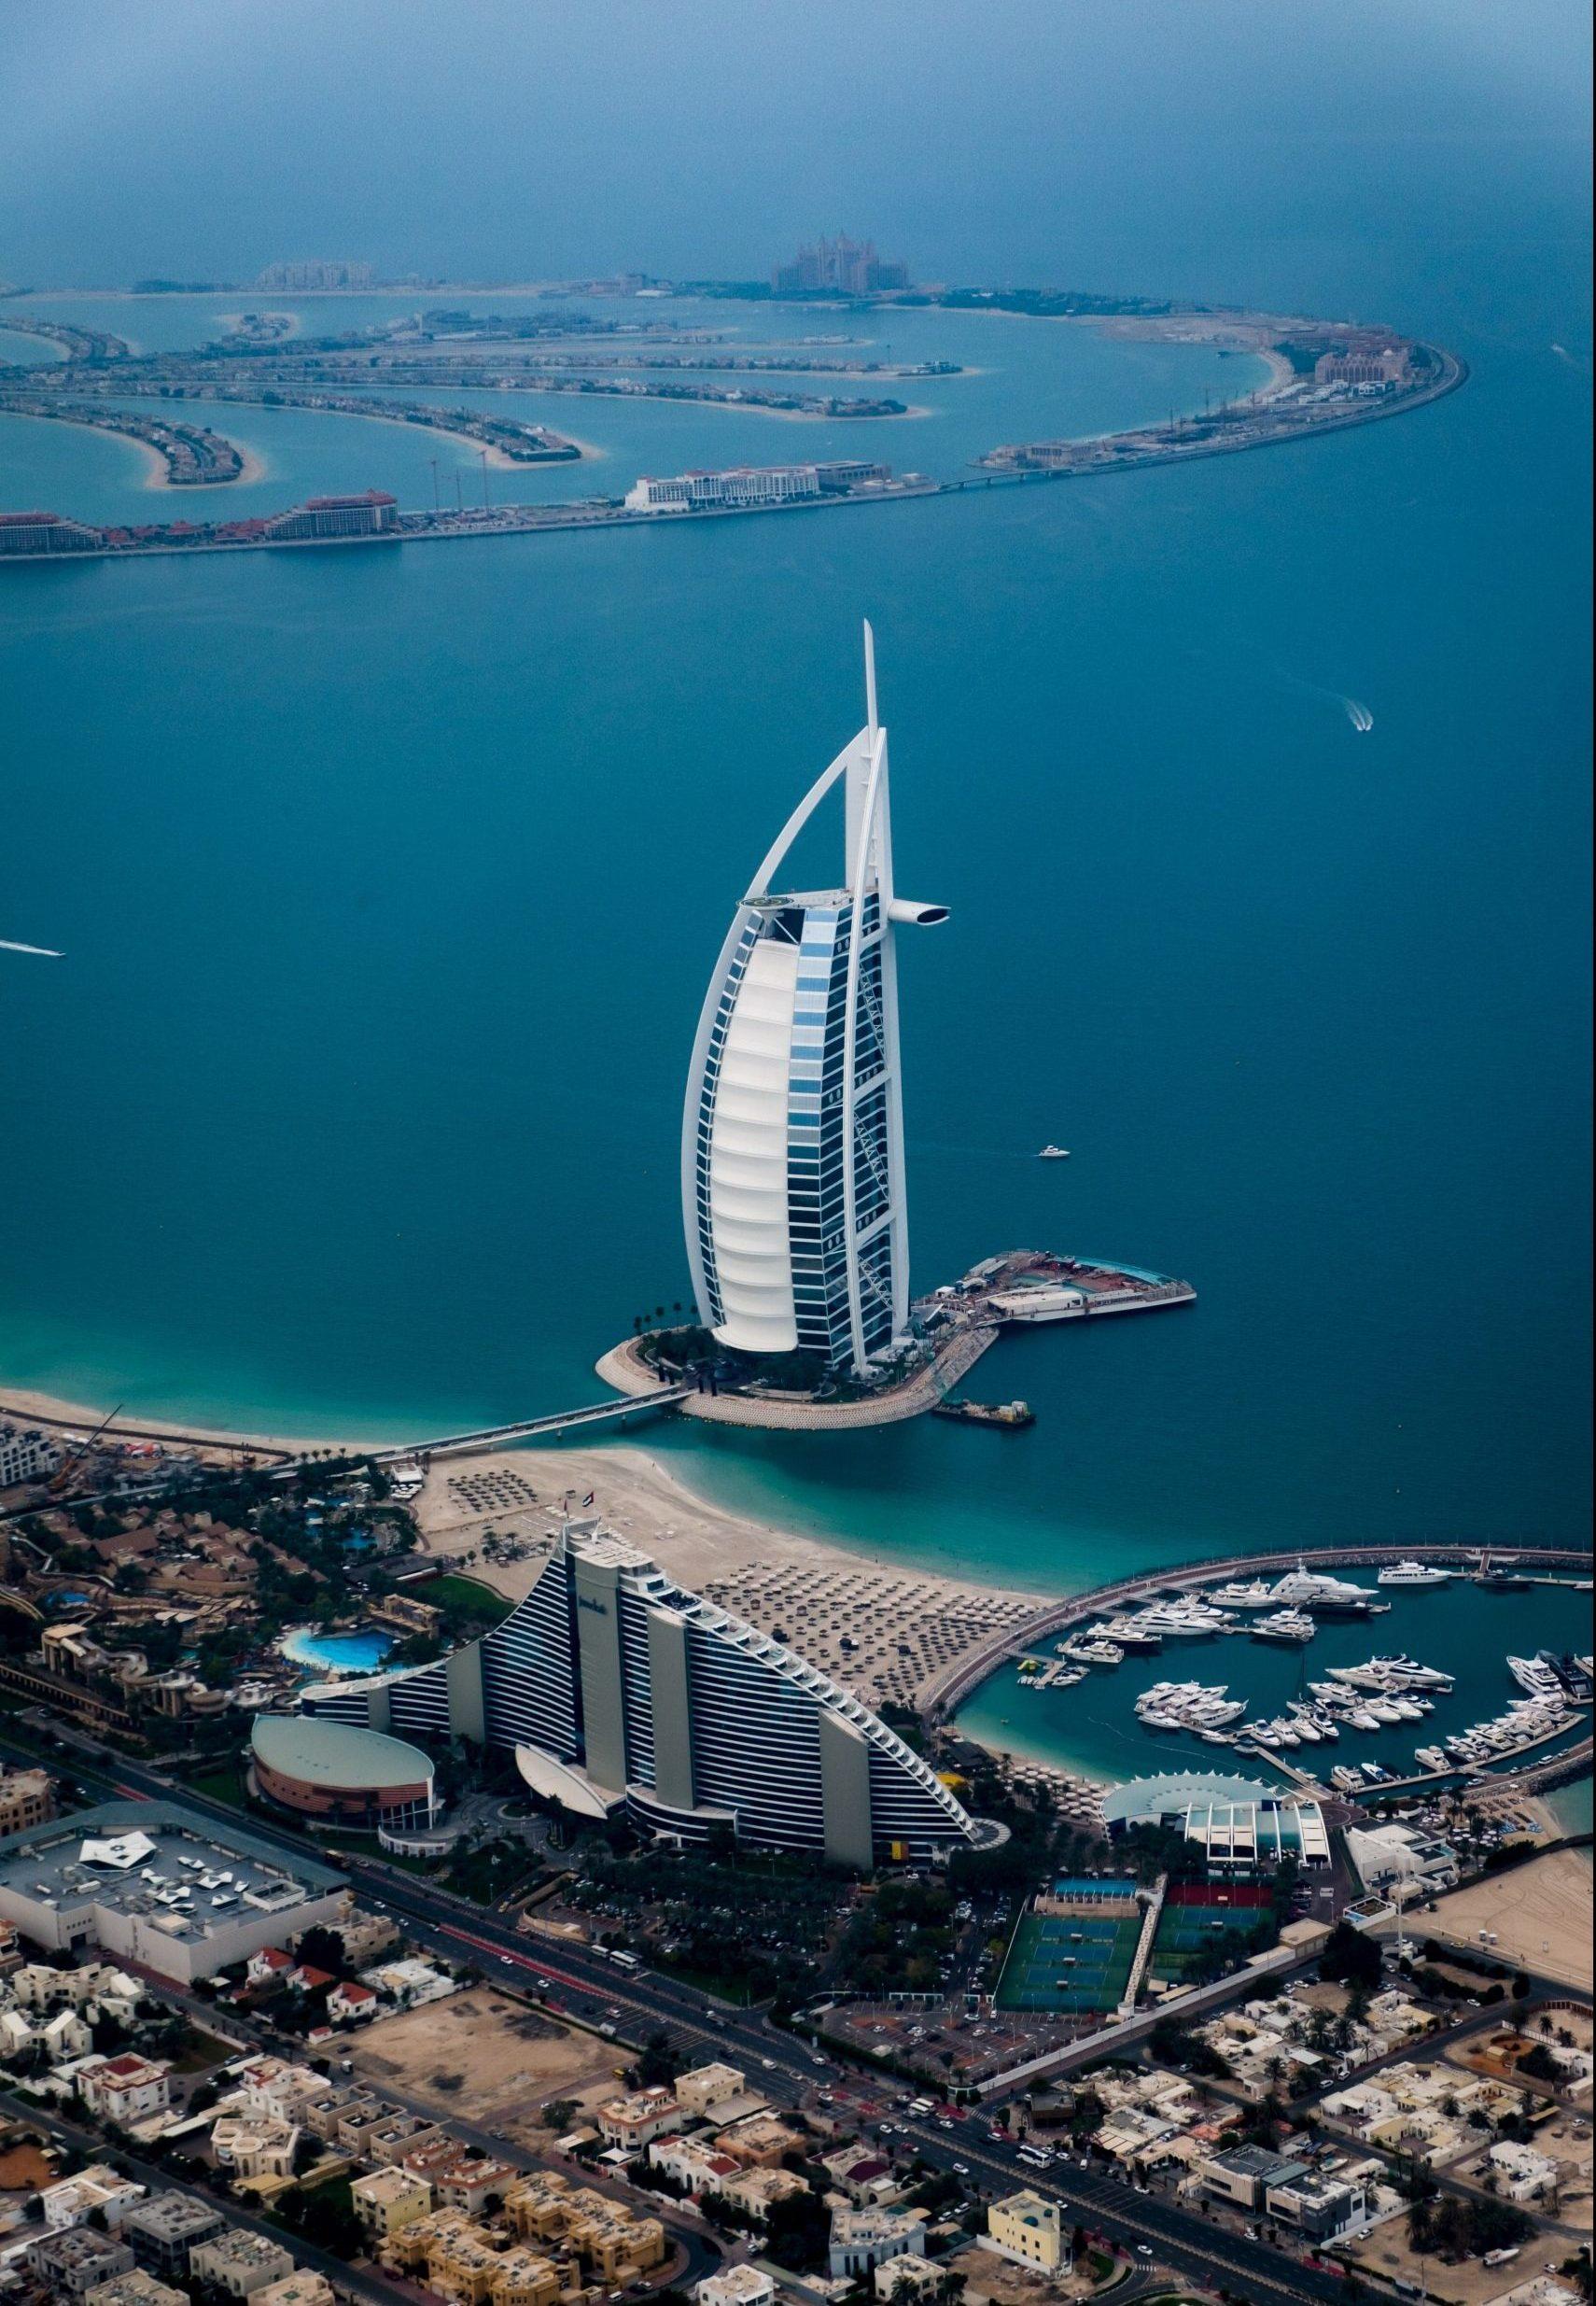 Ikonisk arkitektur i Dubai